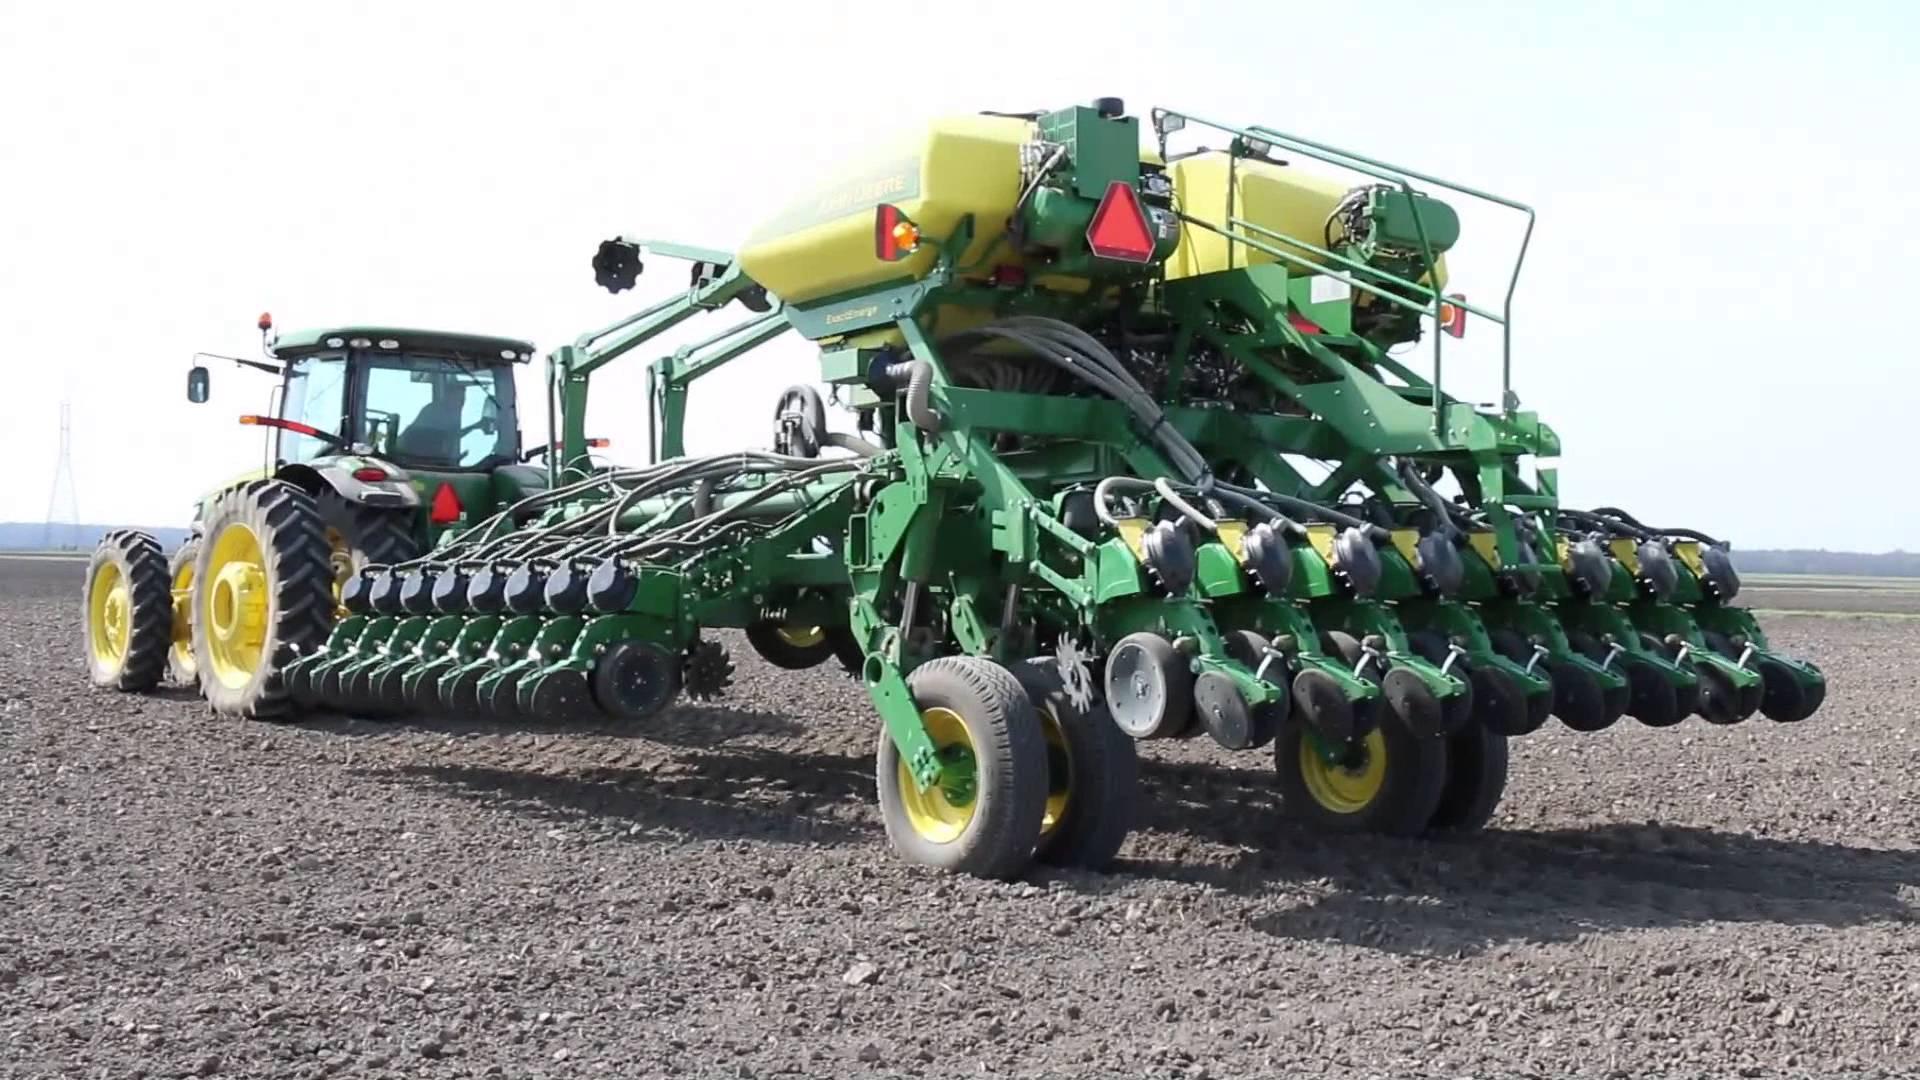 New John Deere corn planters.24 row ExactEmerge 1795 on left & 24 row ...